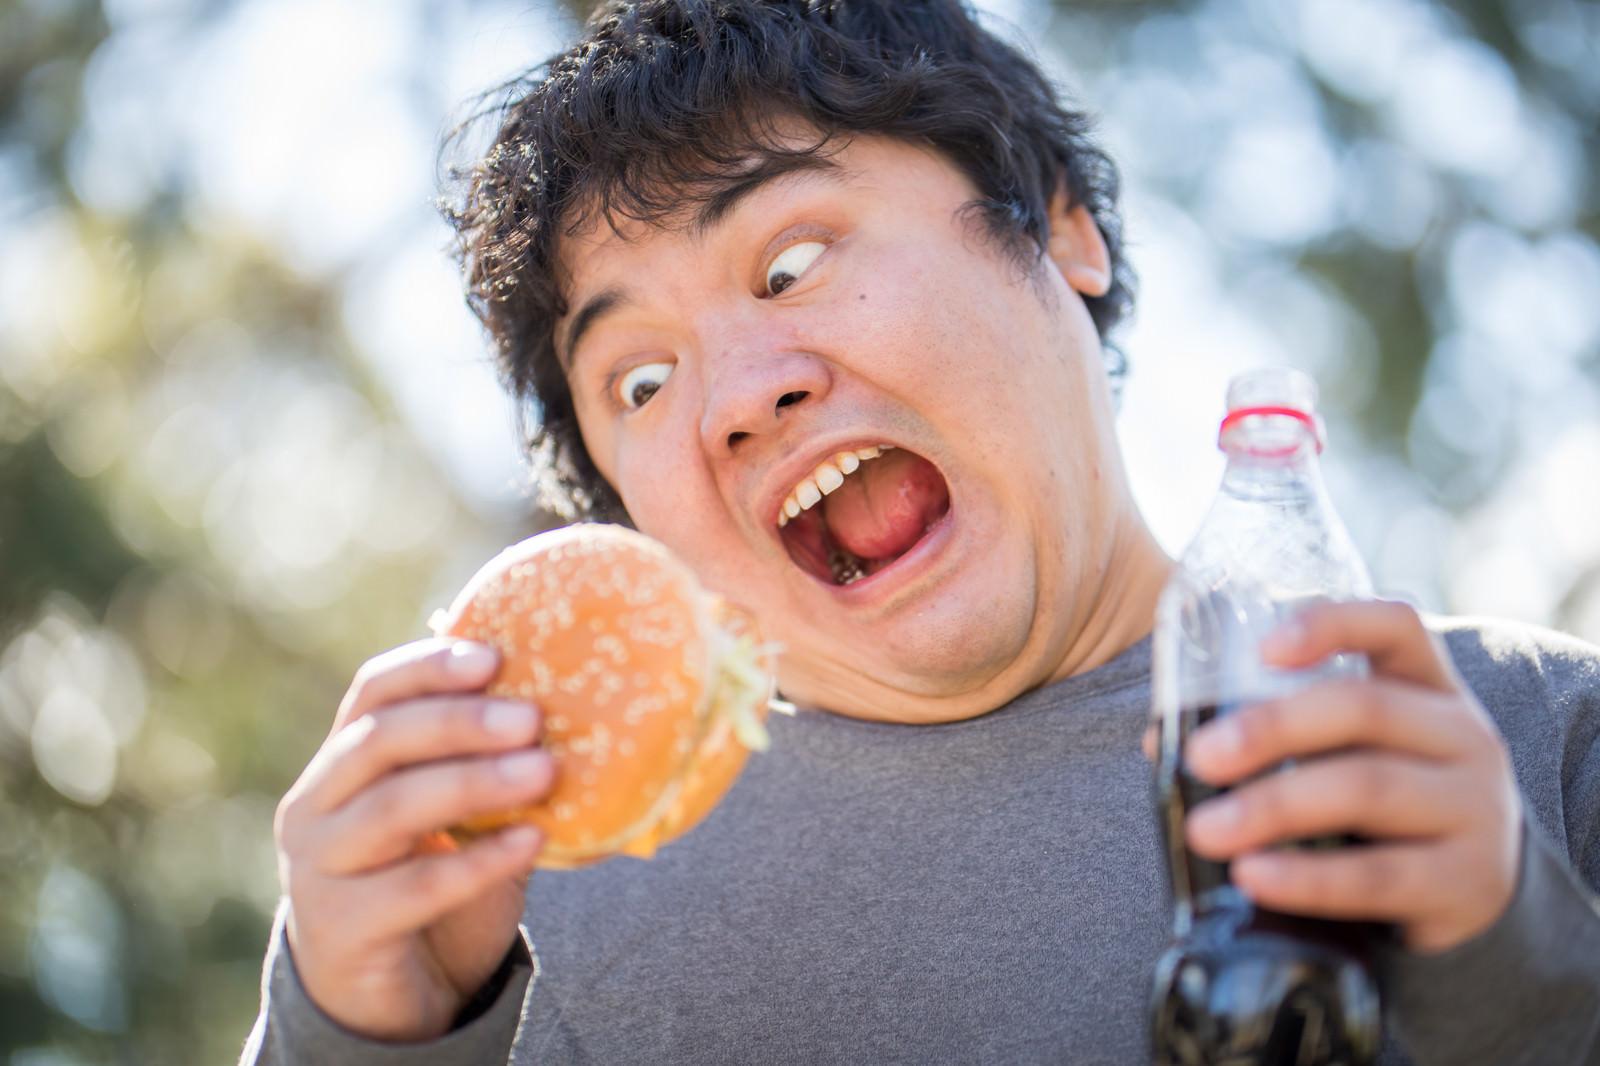 「大好物のハンバーガーを与えてみた」の写真[モデル:段田隼人]